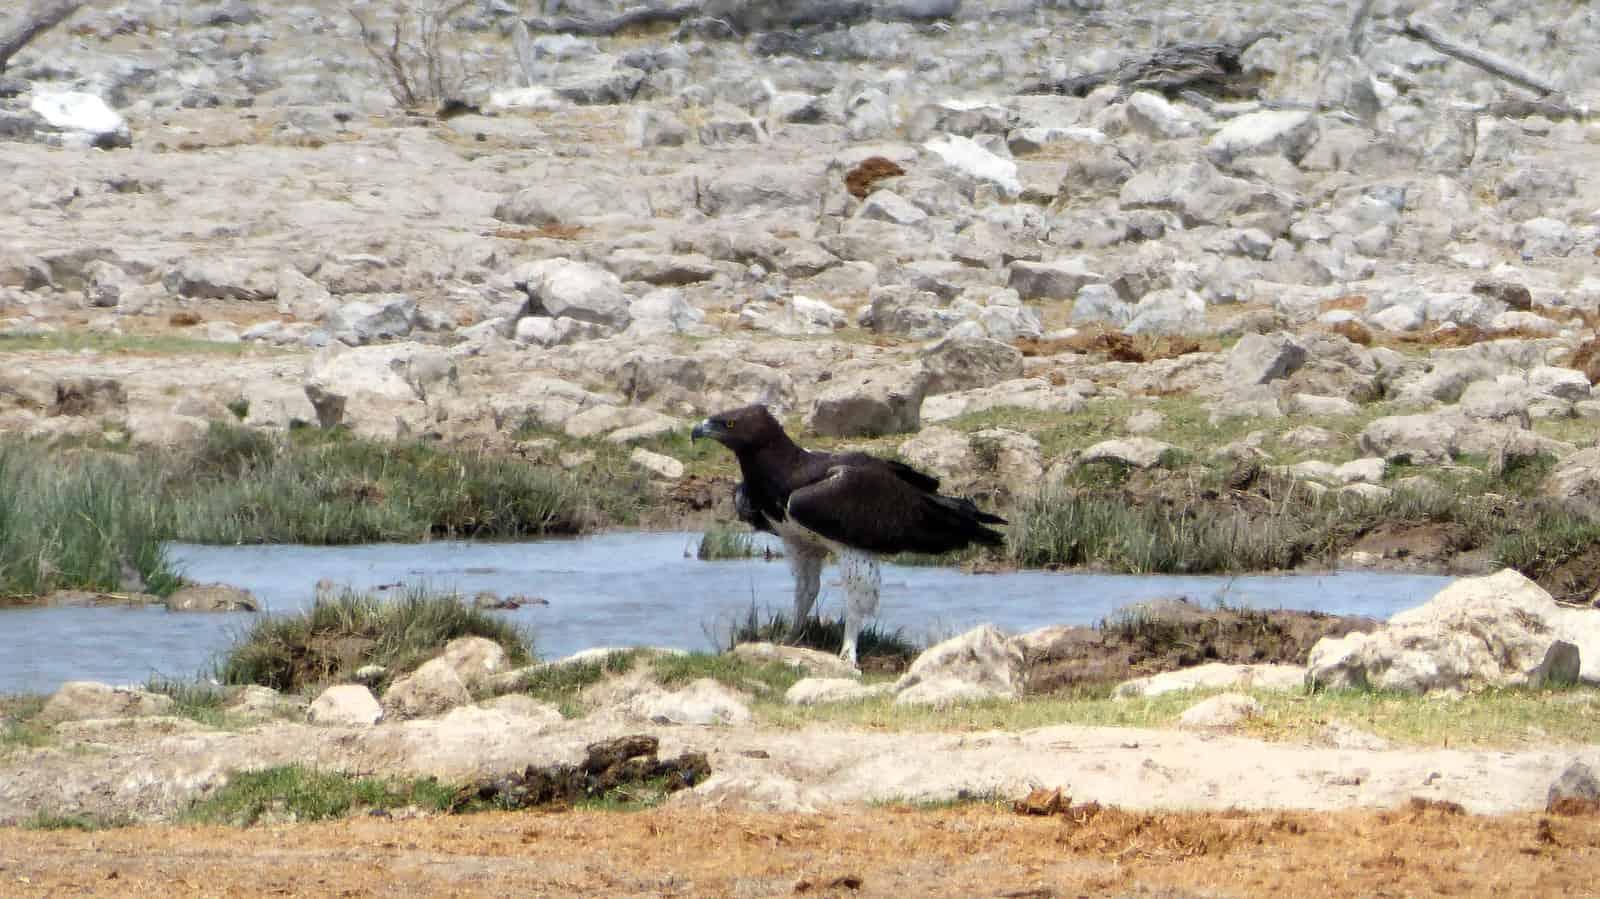 Eagle at Etosha Waterhole